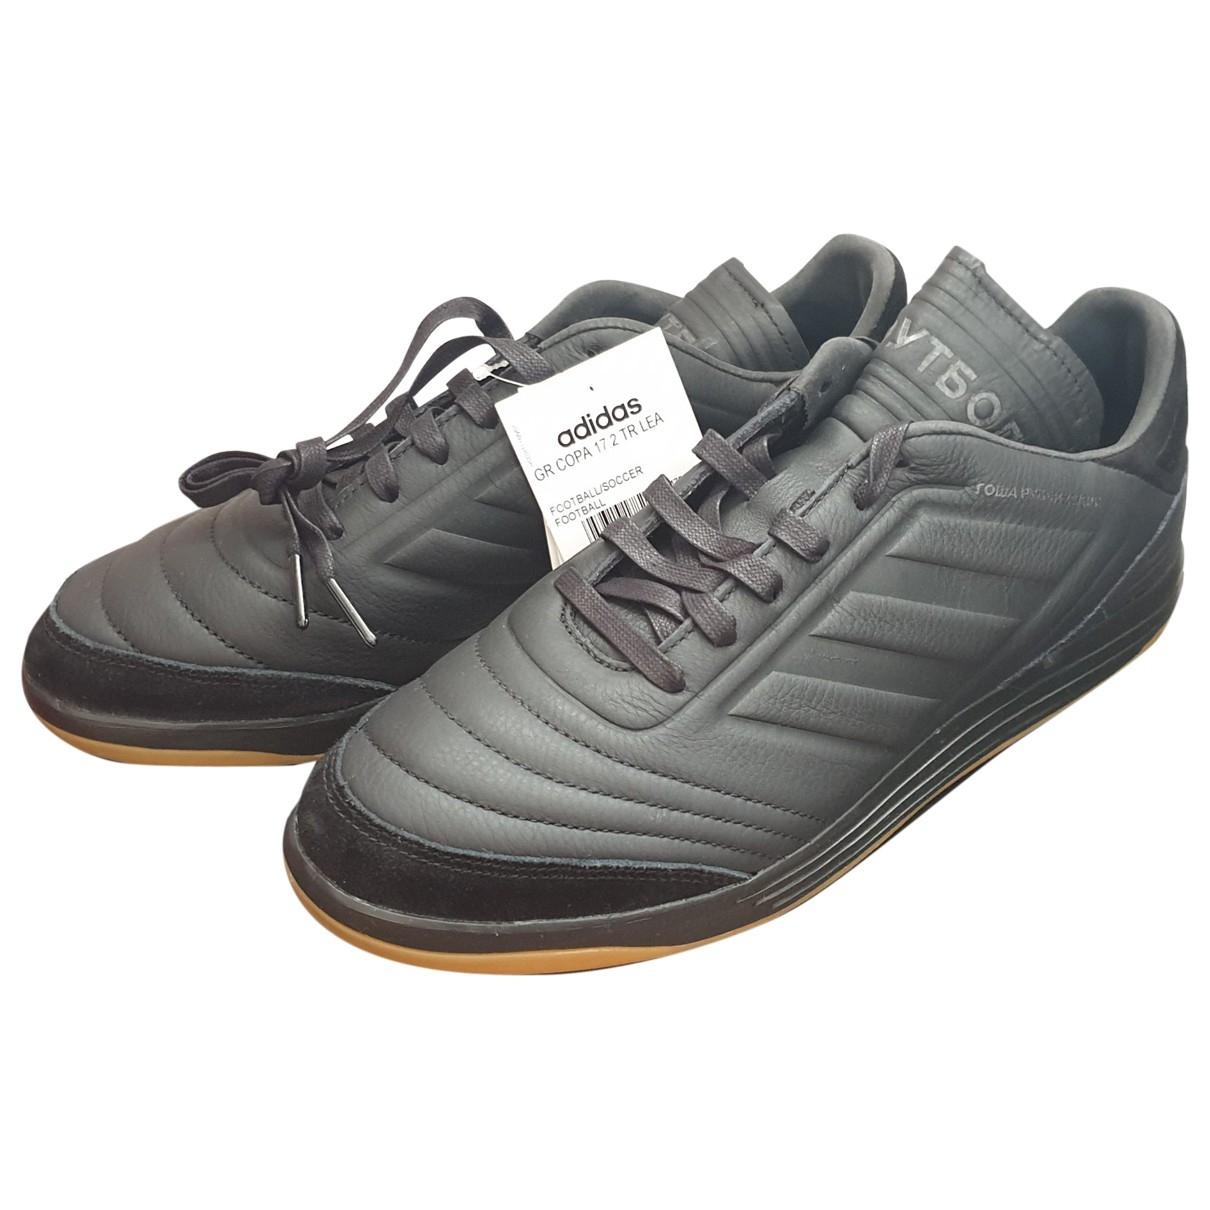 Adidas X Gosha Rubchinskiy N Black Leather Trainers